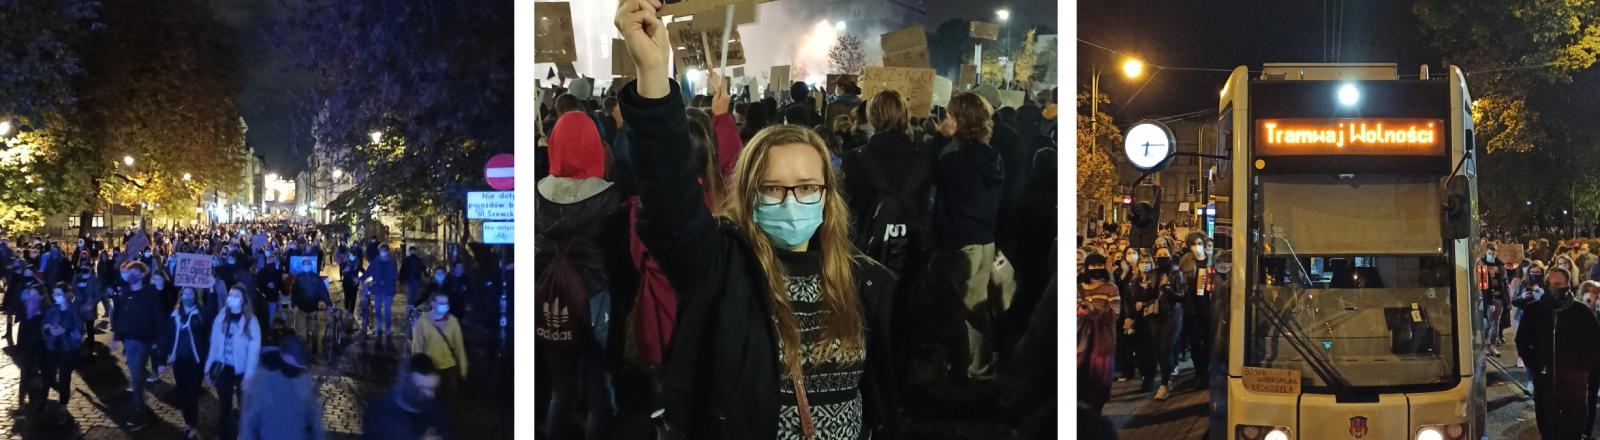 Lidia Hutniczak, Studentin, demonstriert gegen die Regierung